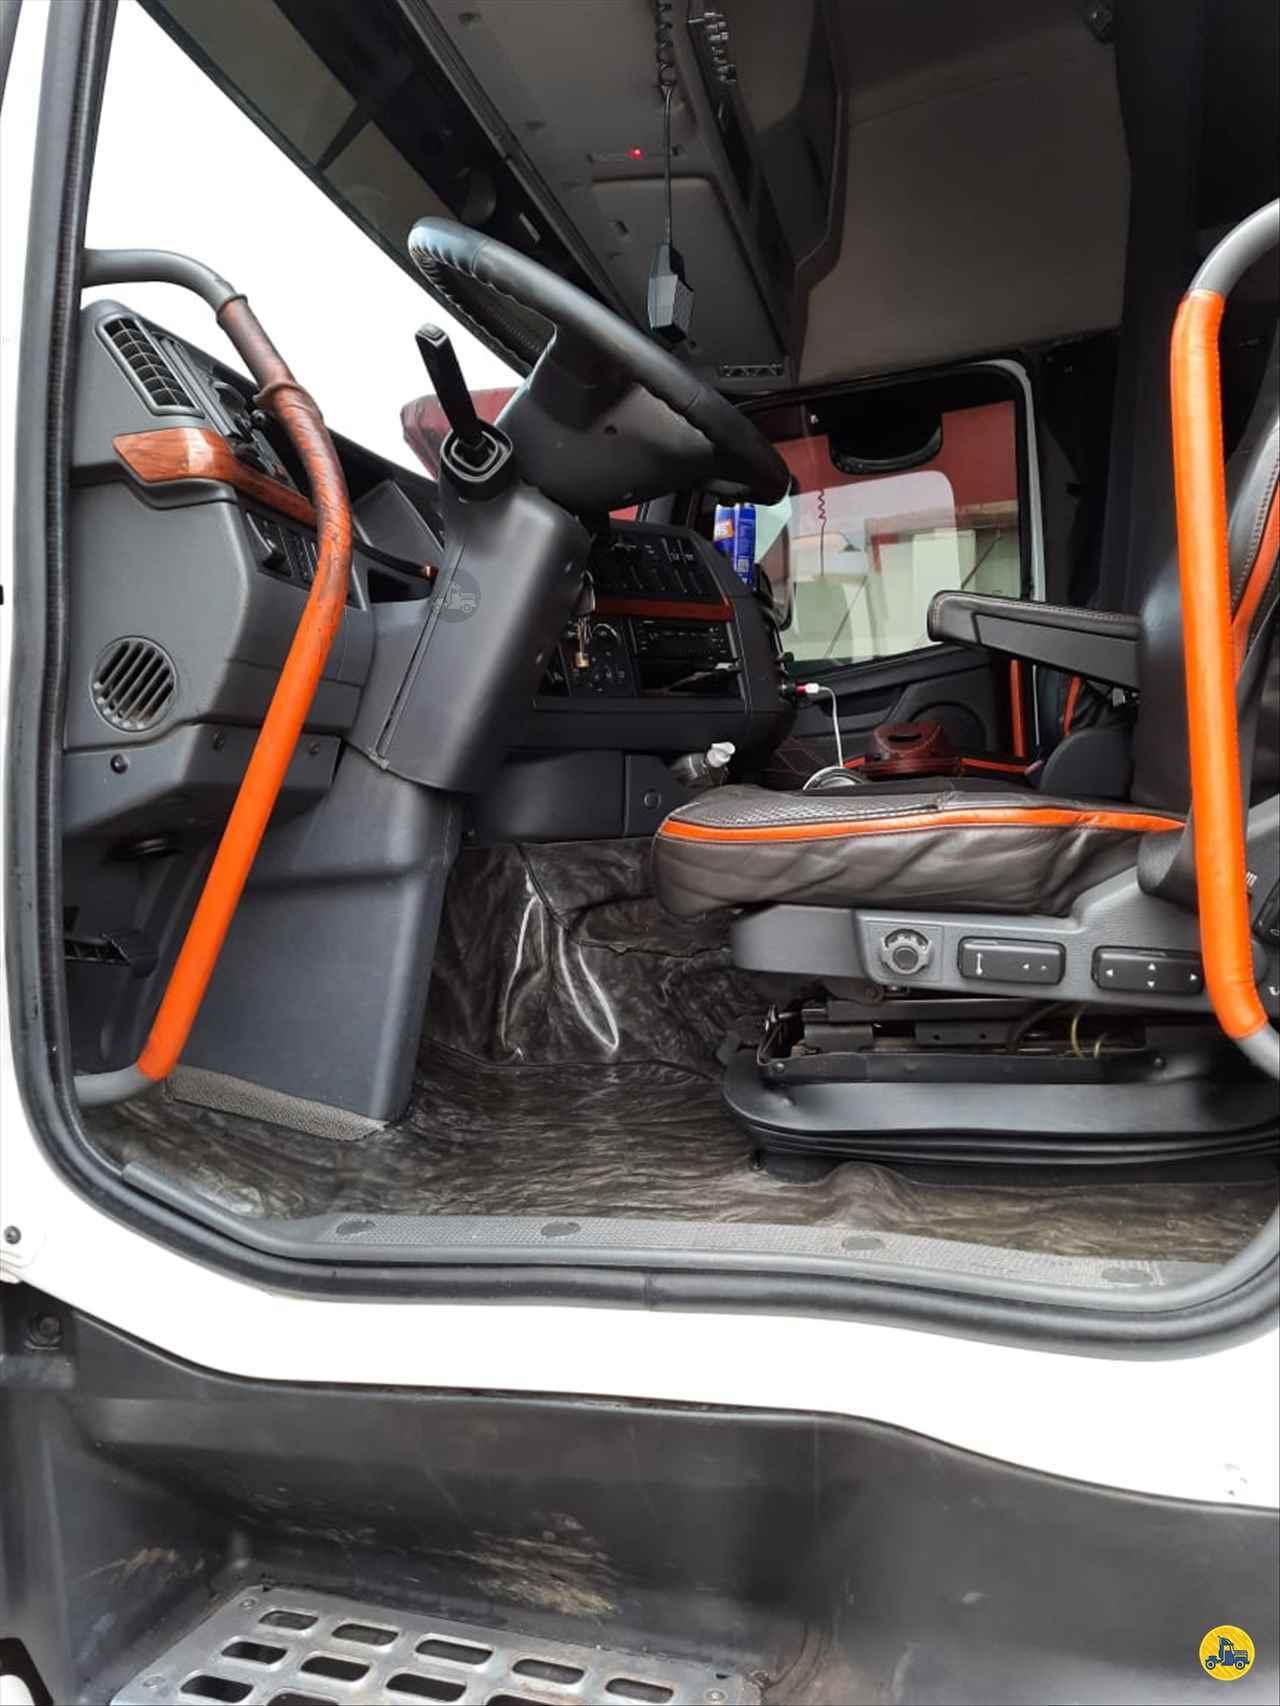 CAMINHAO VOLVO VOLVO FH 460 Cavalo Mecânico Truck 6x2 Mundial Caminhões e Carretas PALMITAL SÃO PAULO SP